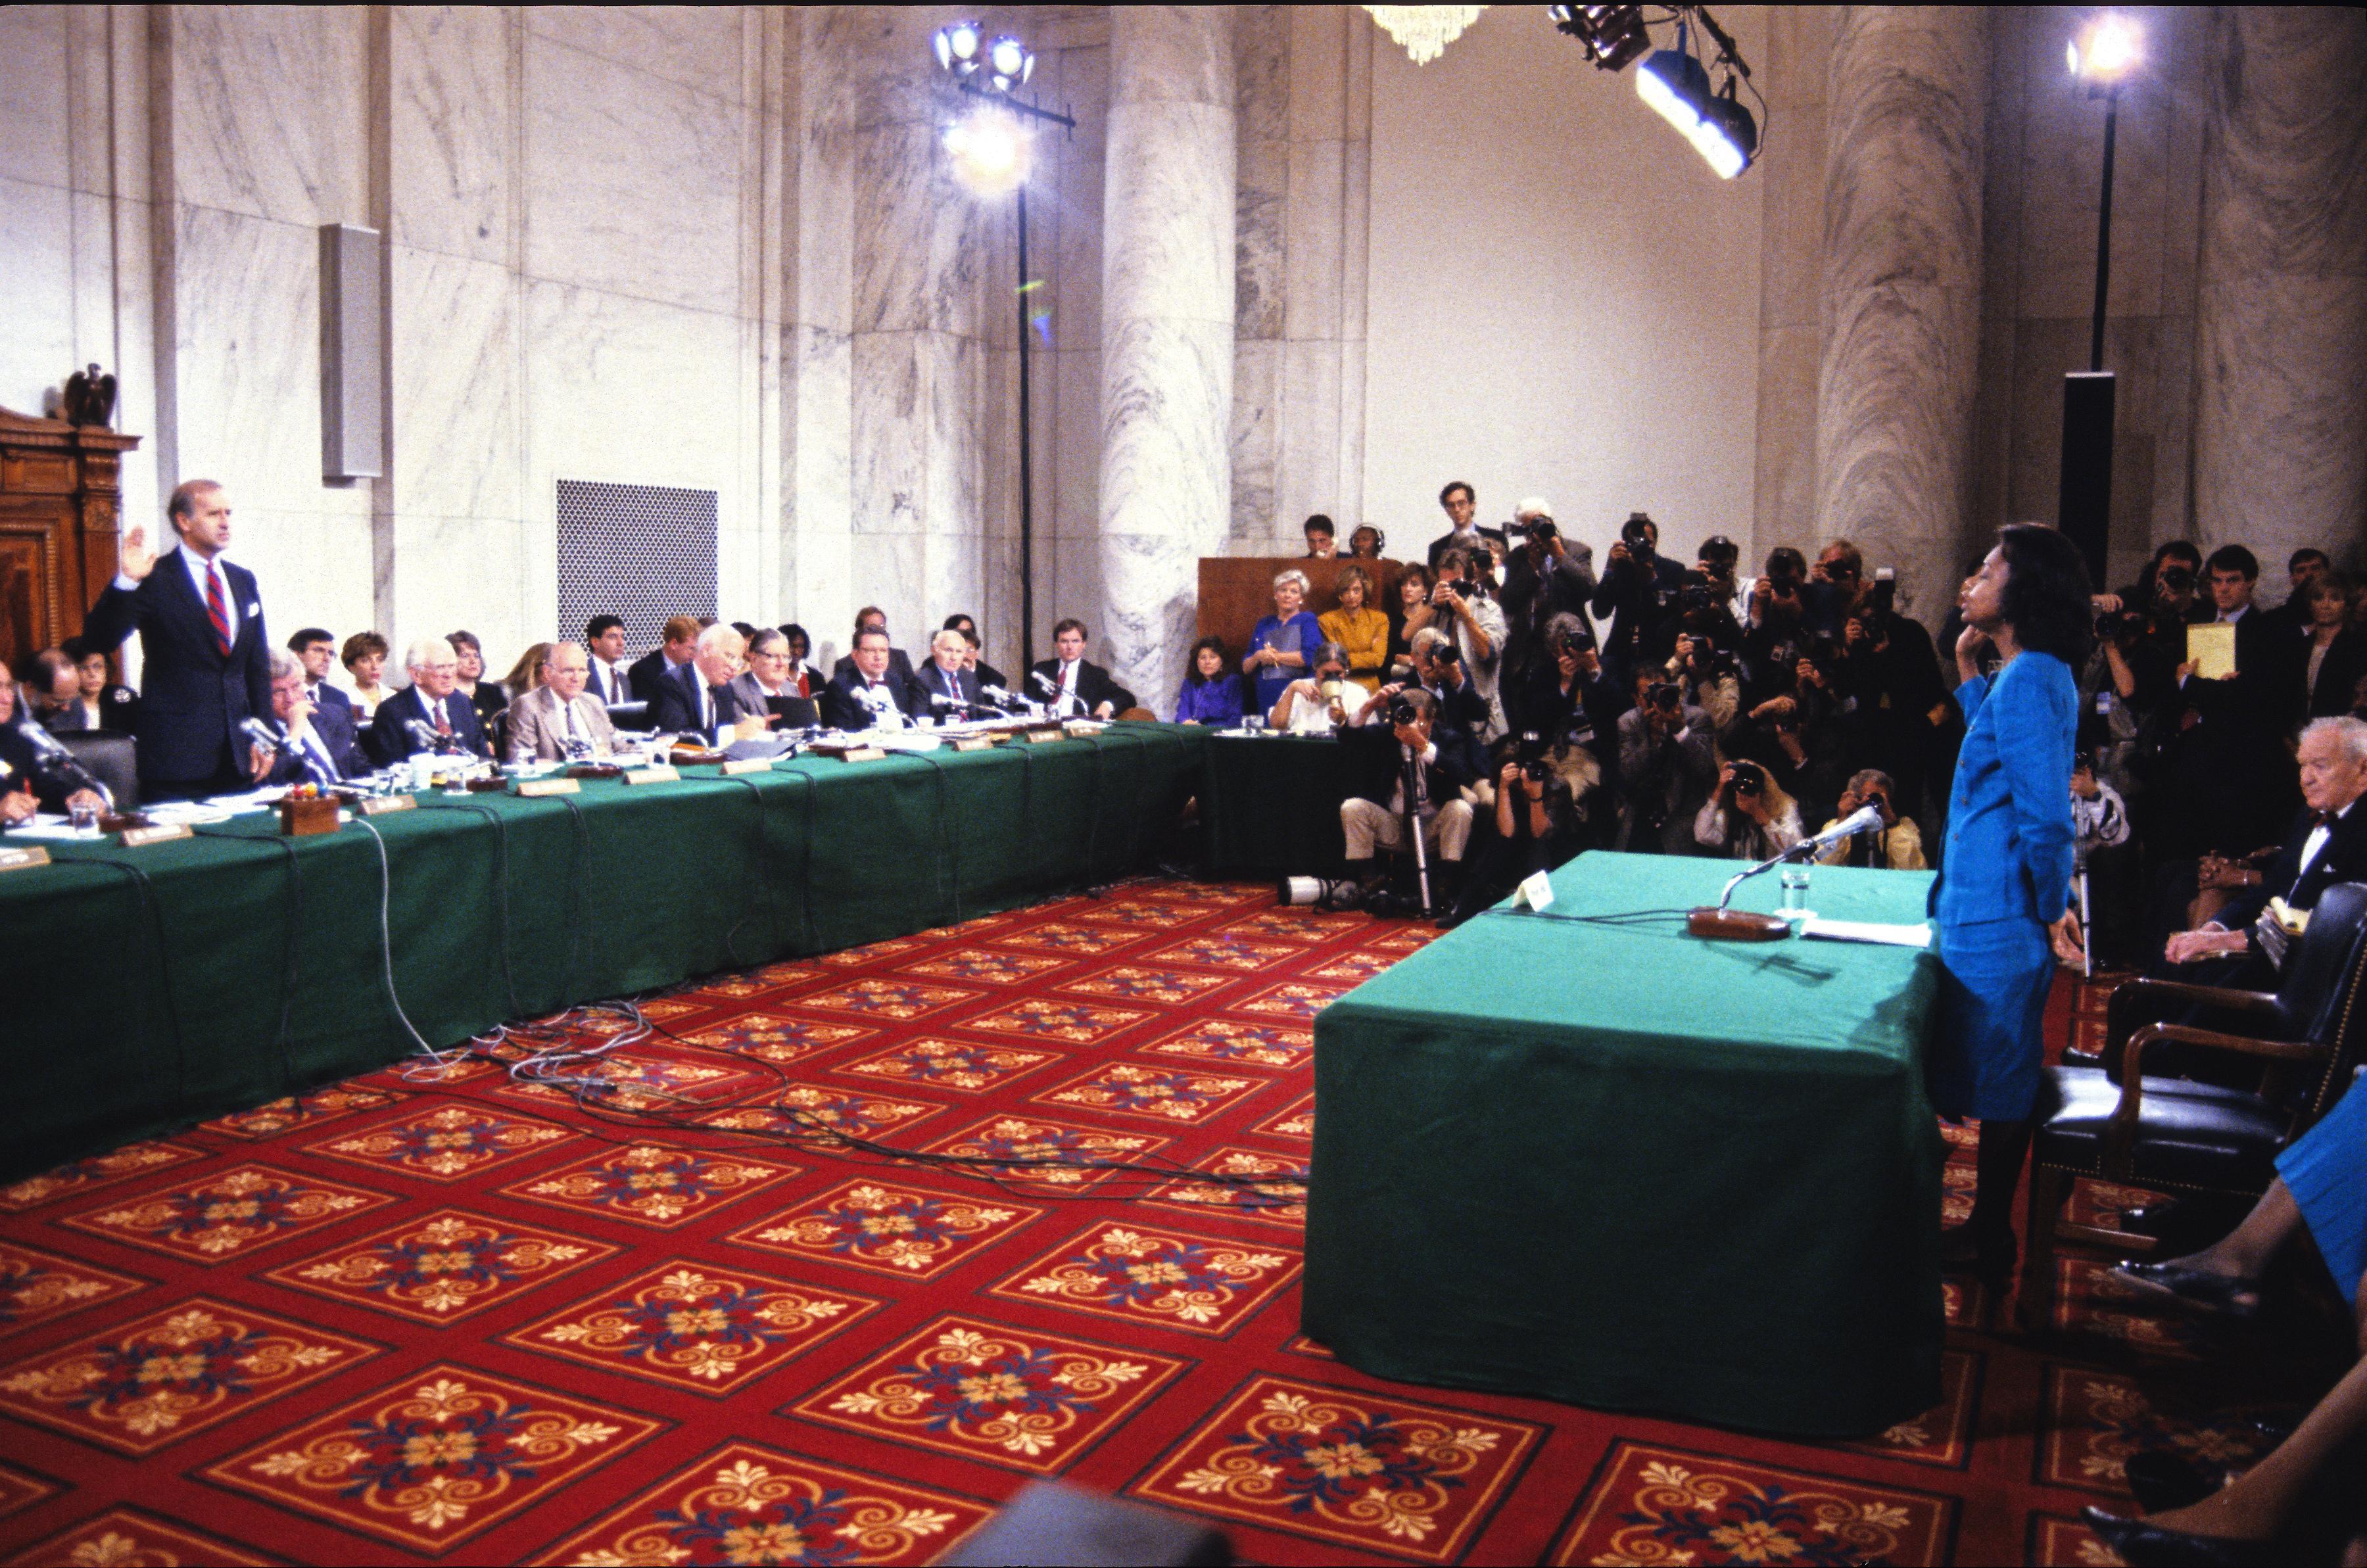 Anita Hill Testifies on Clarence Thomas Nomination